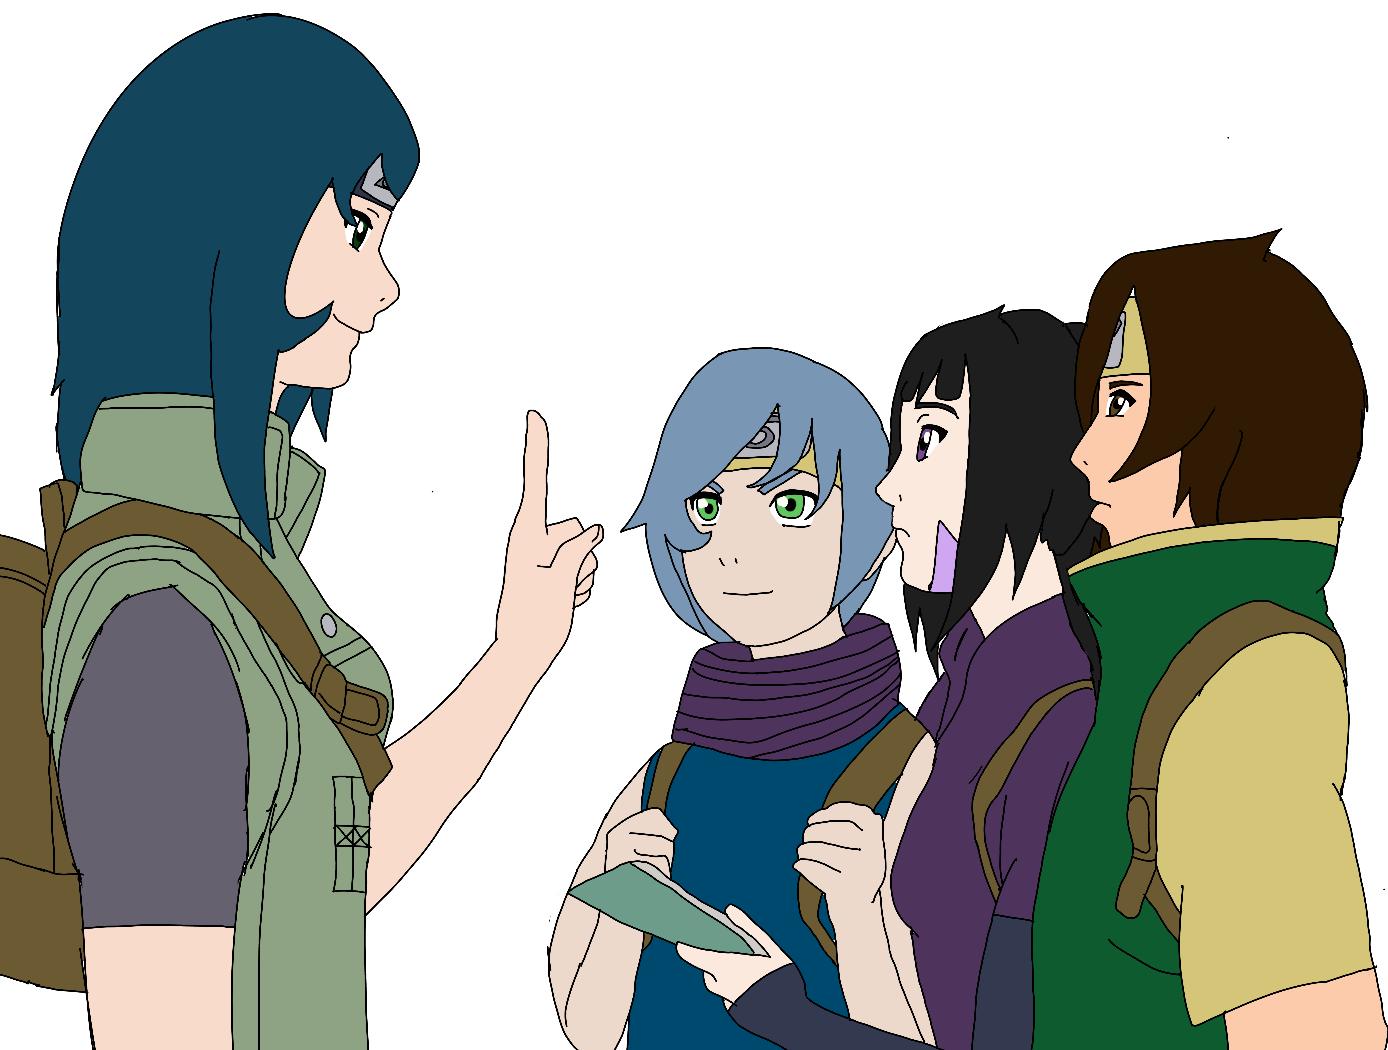 Naruto OC Team by Tora-chi on DeviantArt